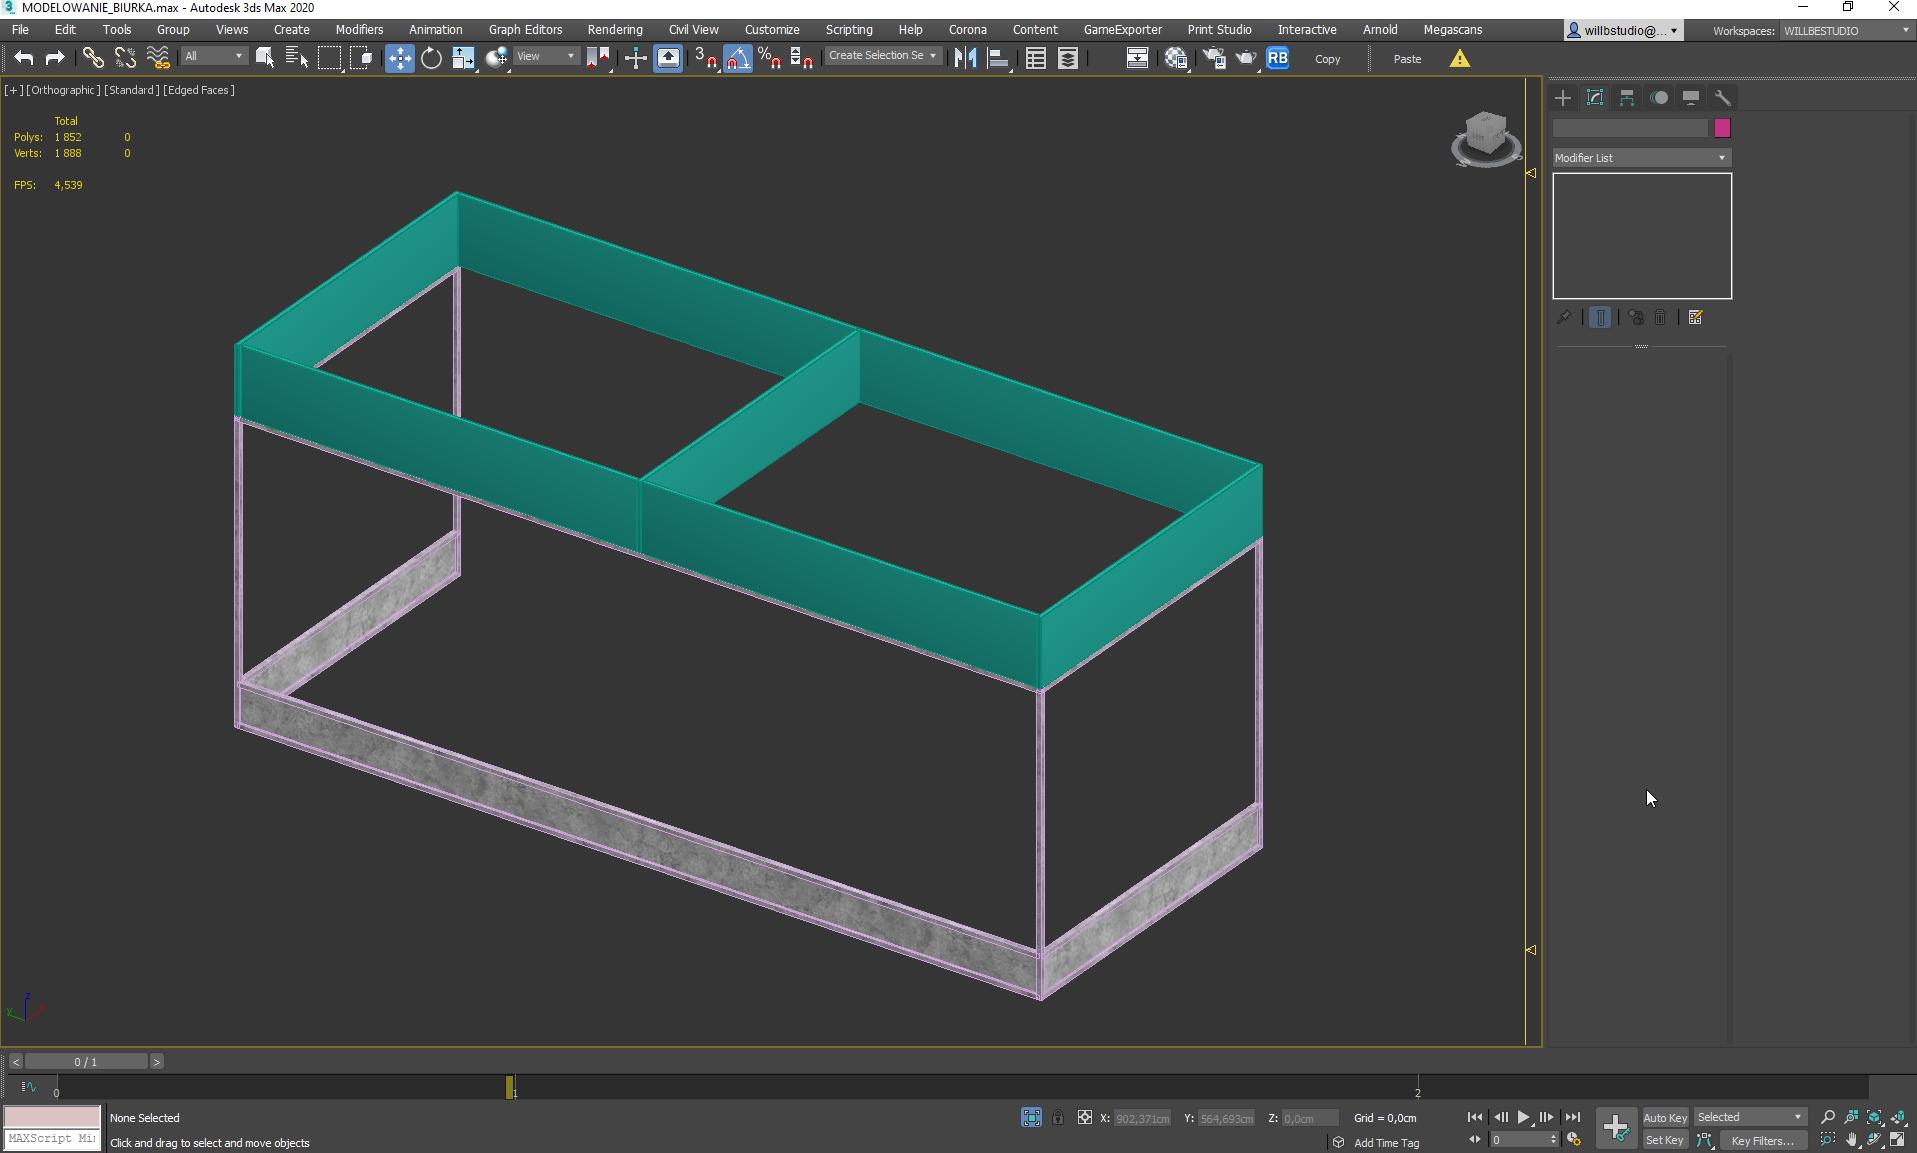 Modelowanie ramy biurka